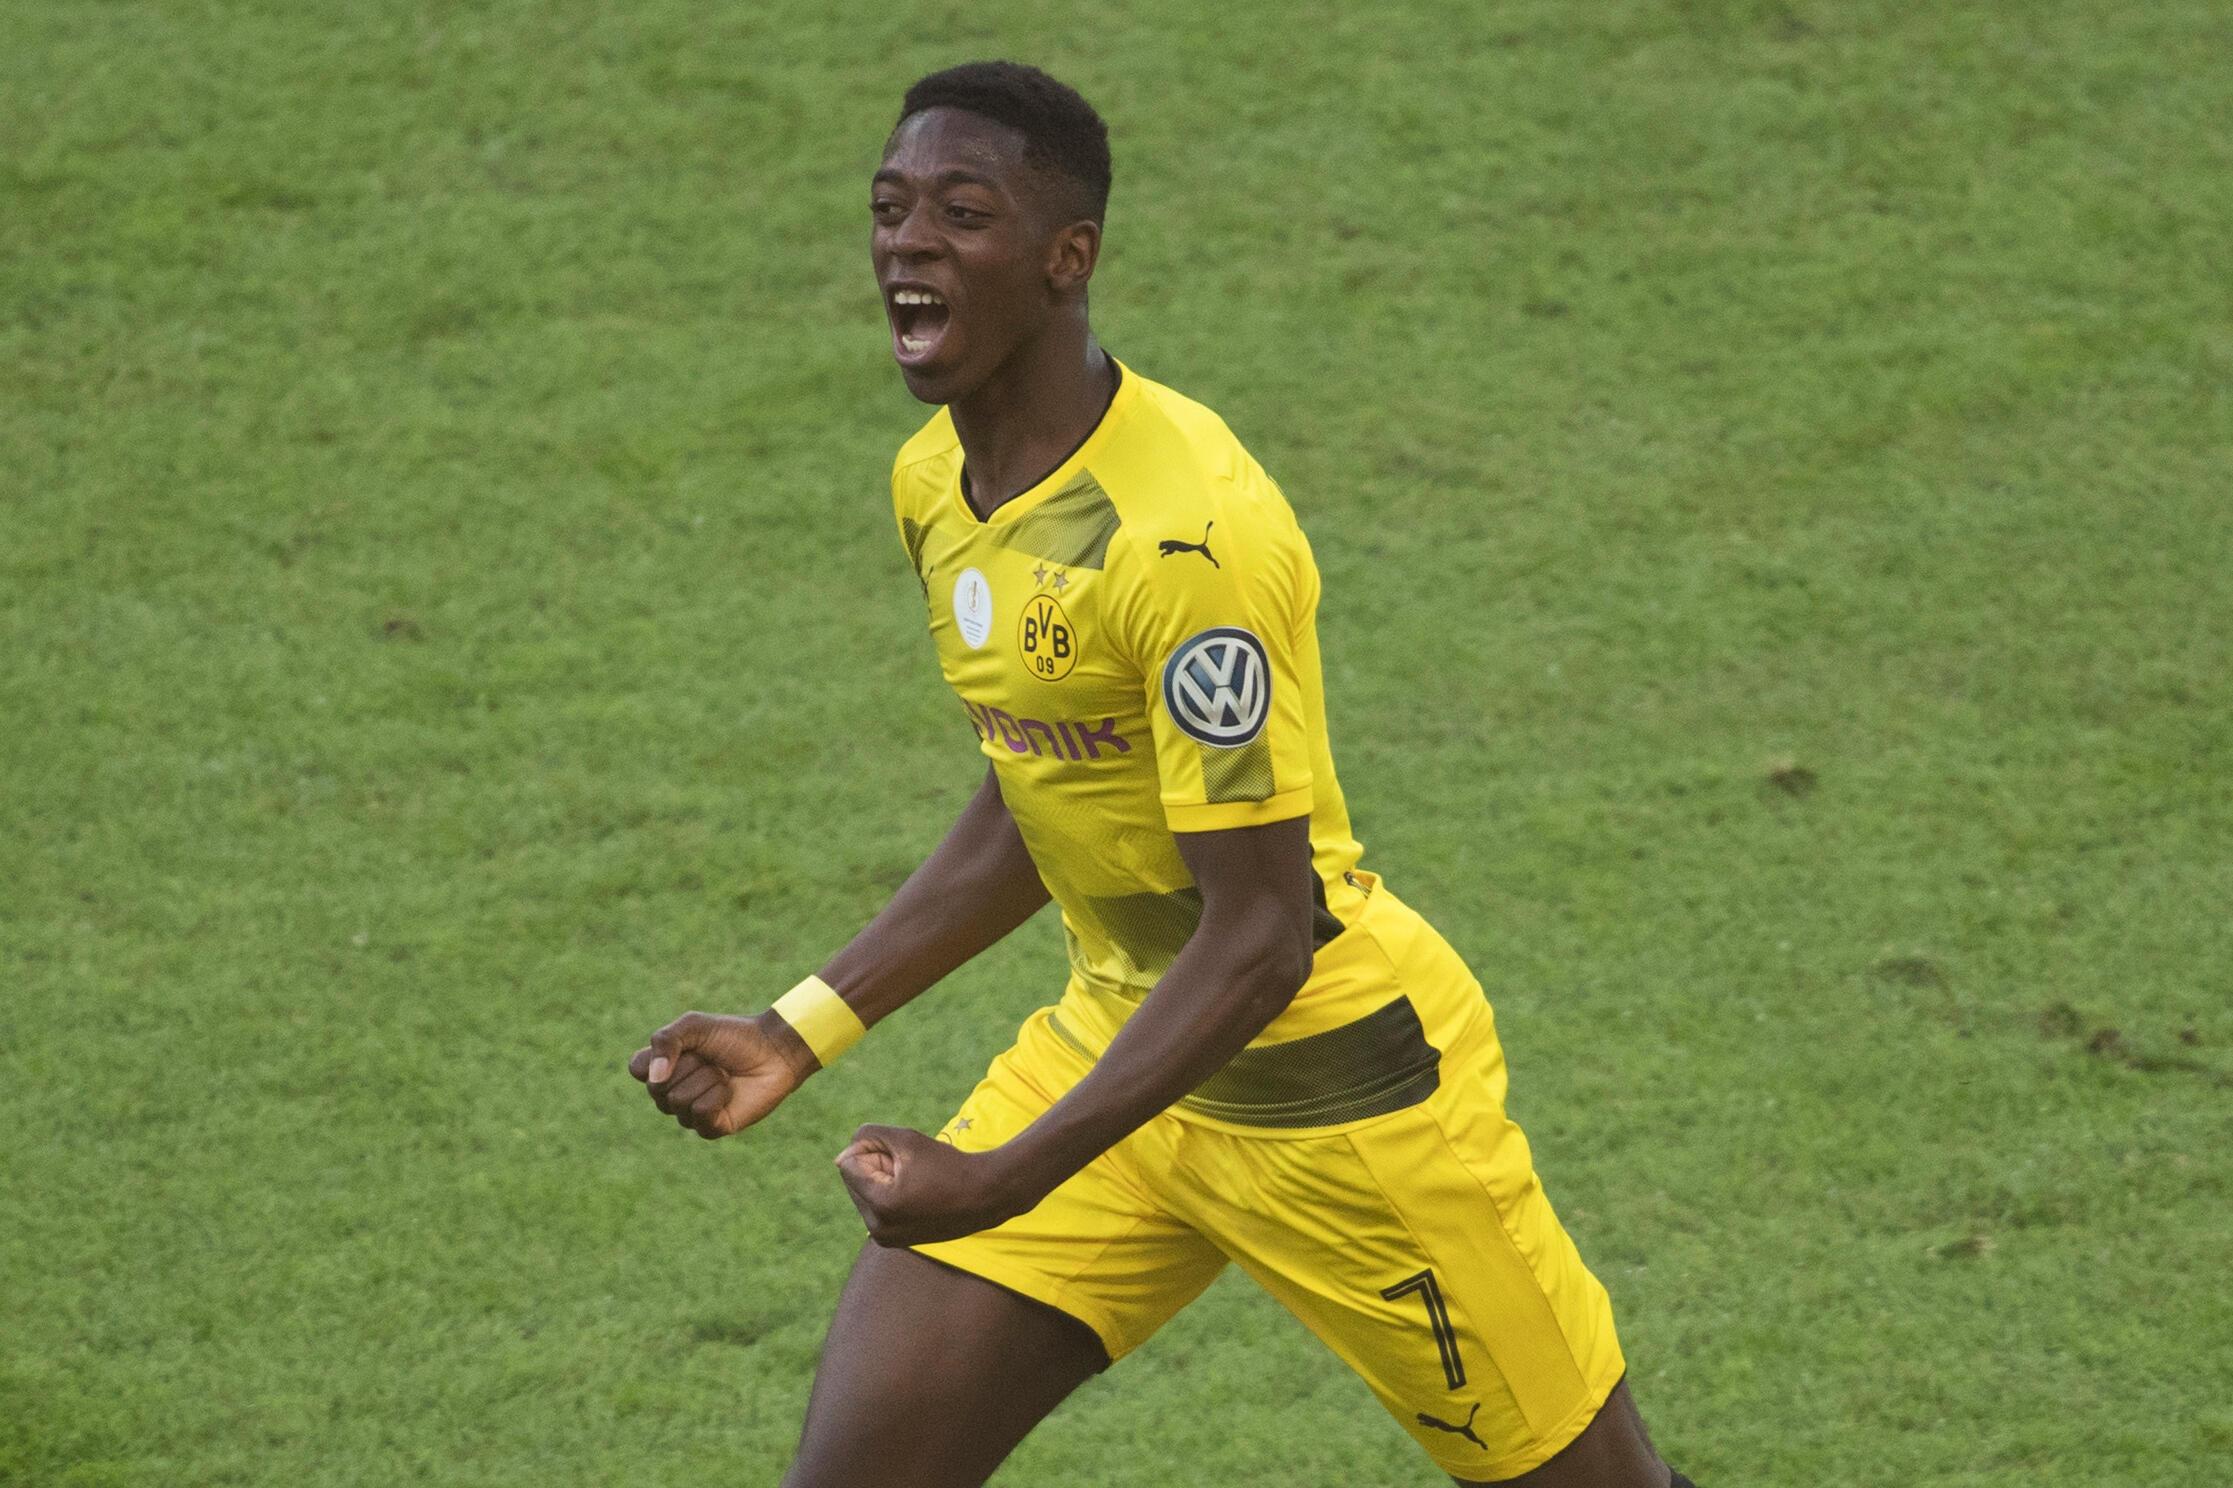 Le jeune Ousmane Dembélé posera bientôt sous ses nouvelles couleurs: celles du FC Barcelone.